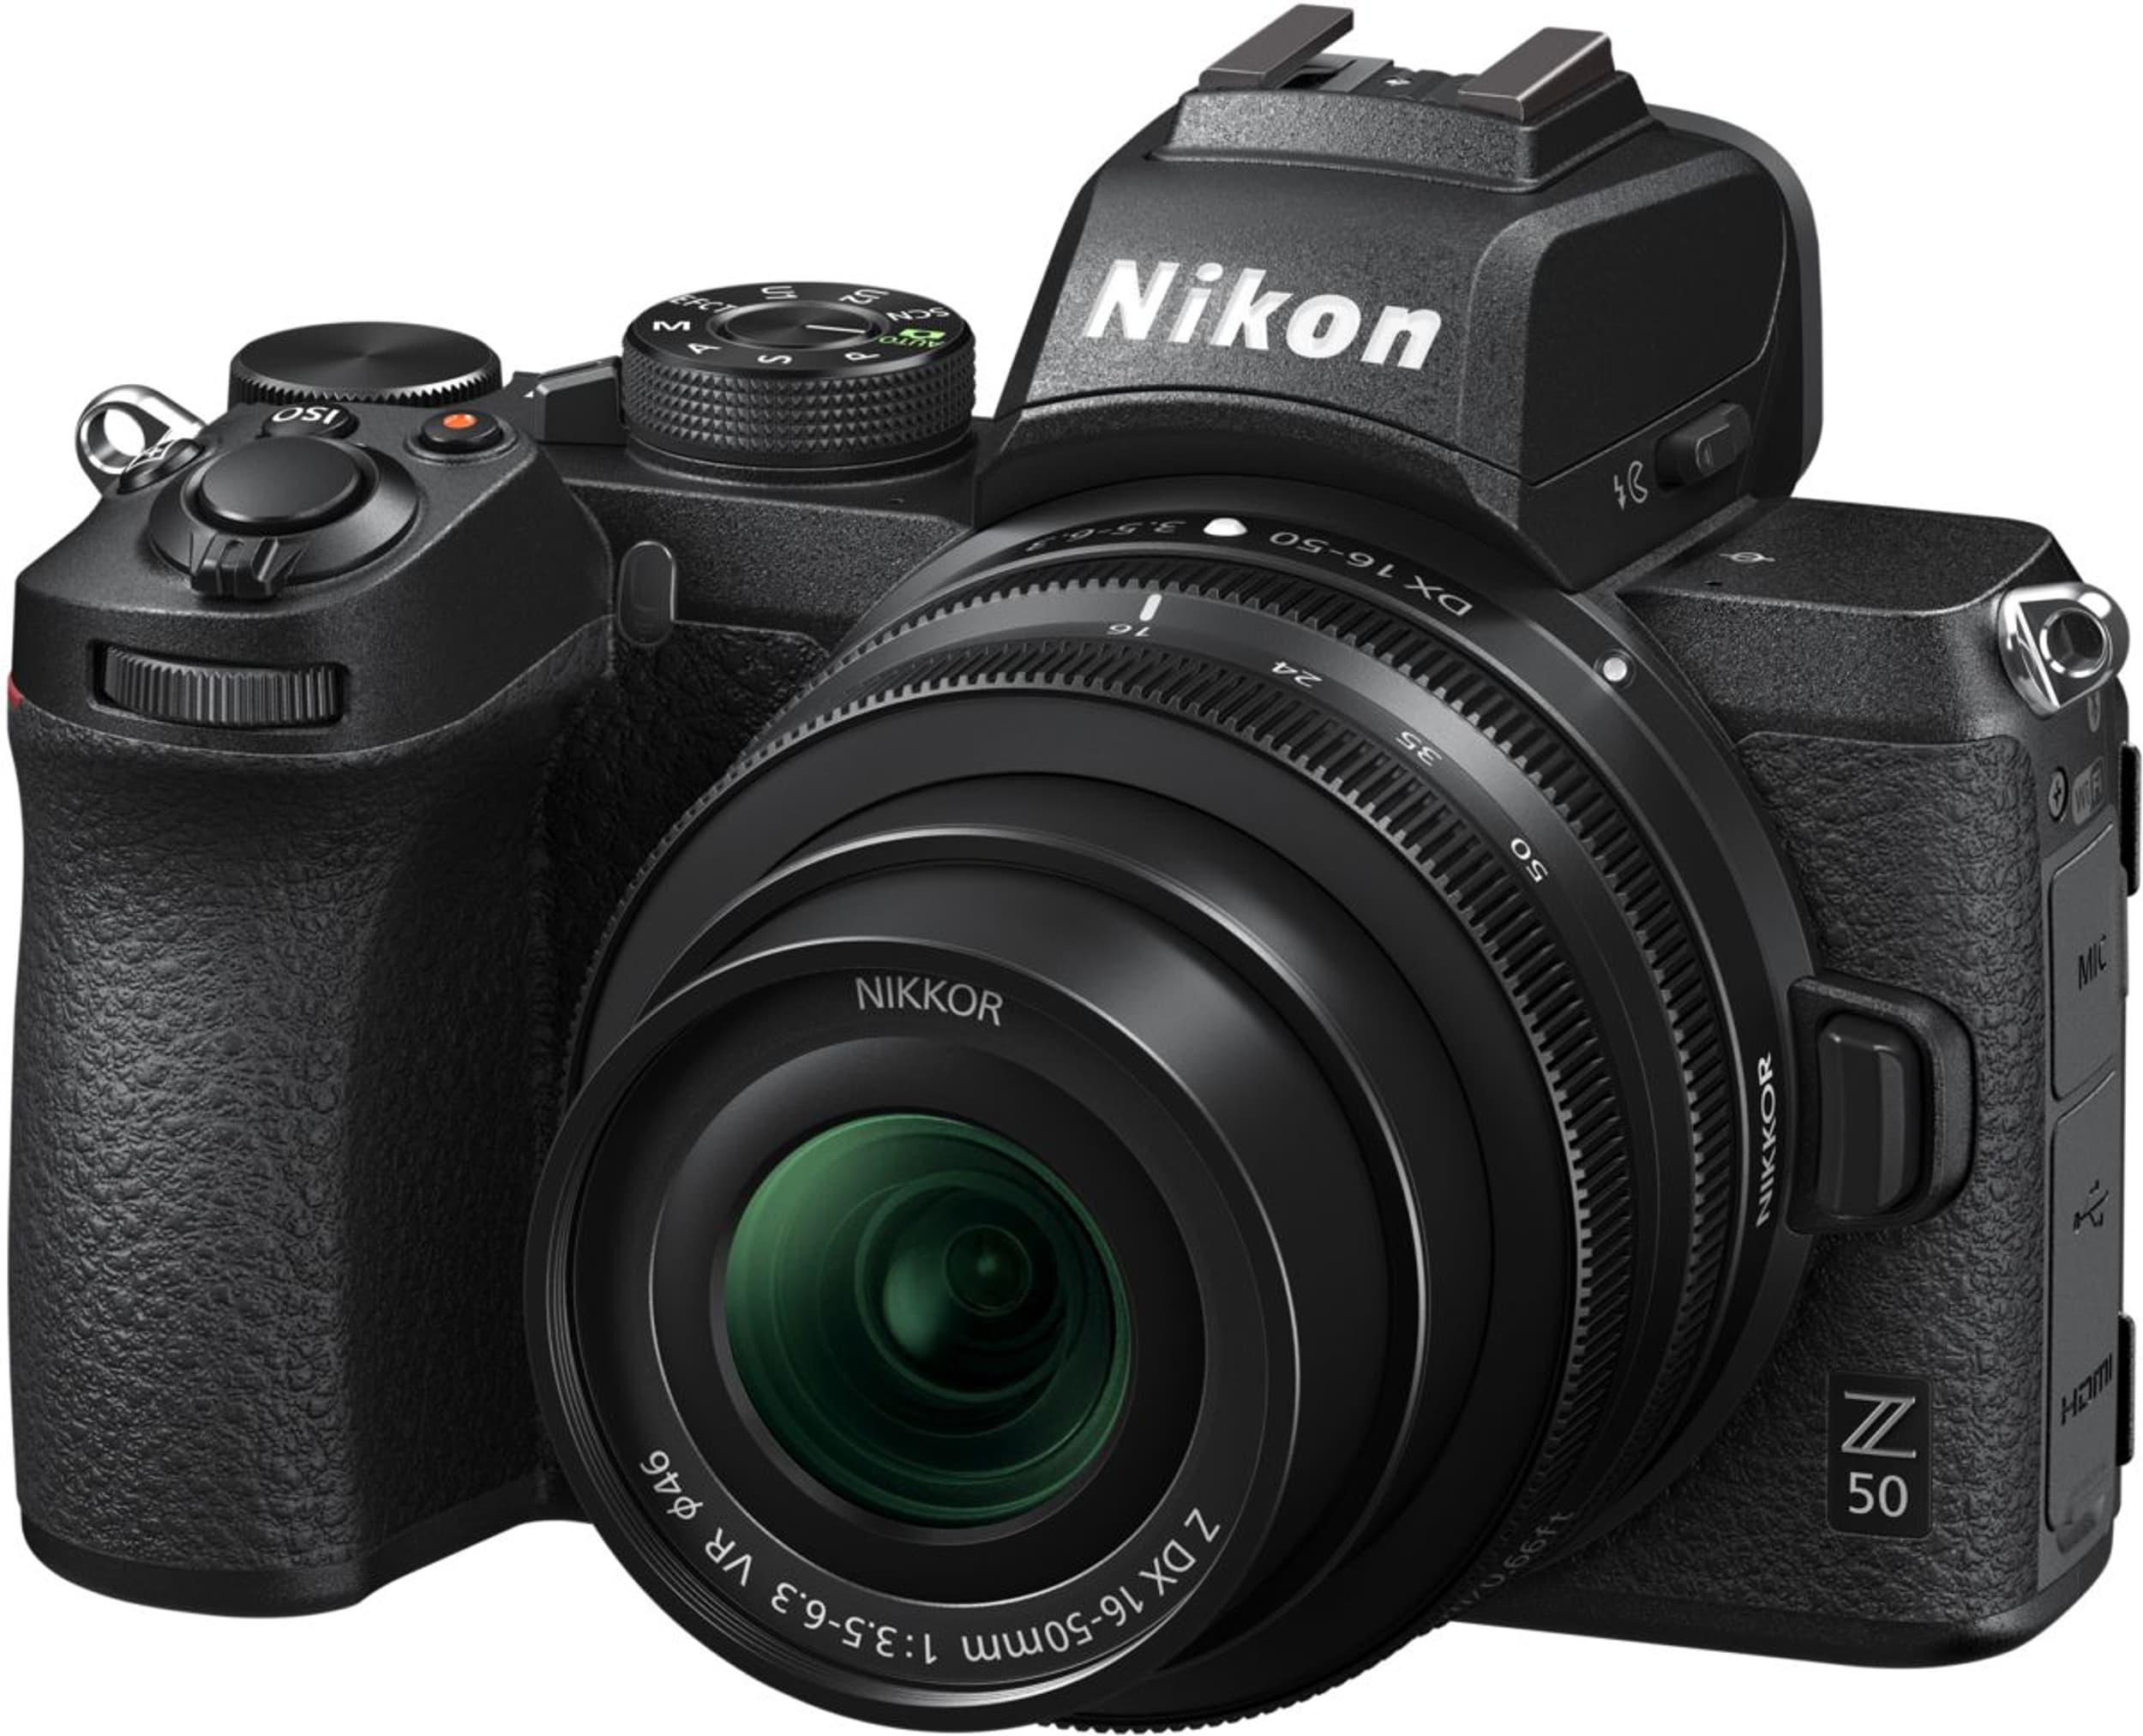 NIKON Z50 Kit, Z DX 16-50mm F/3.5-6.3 VR